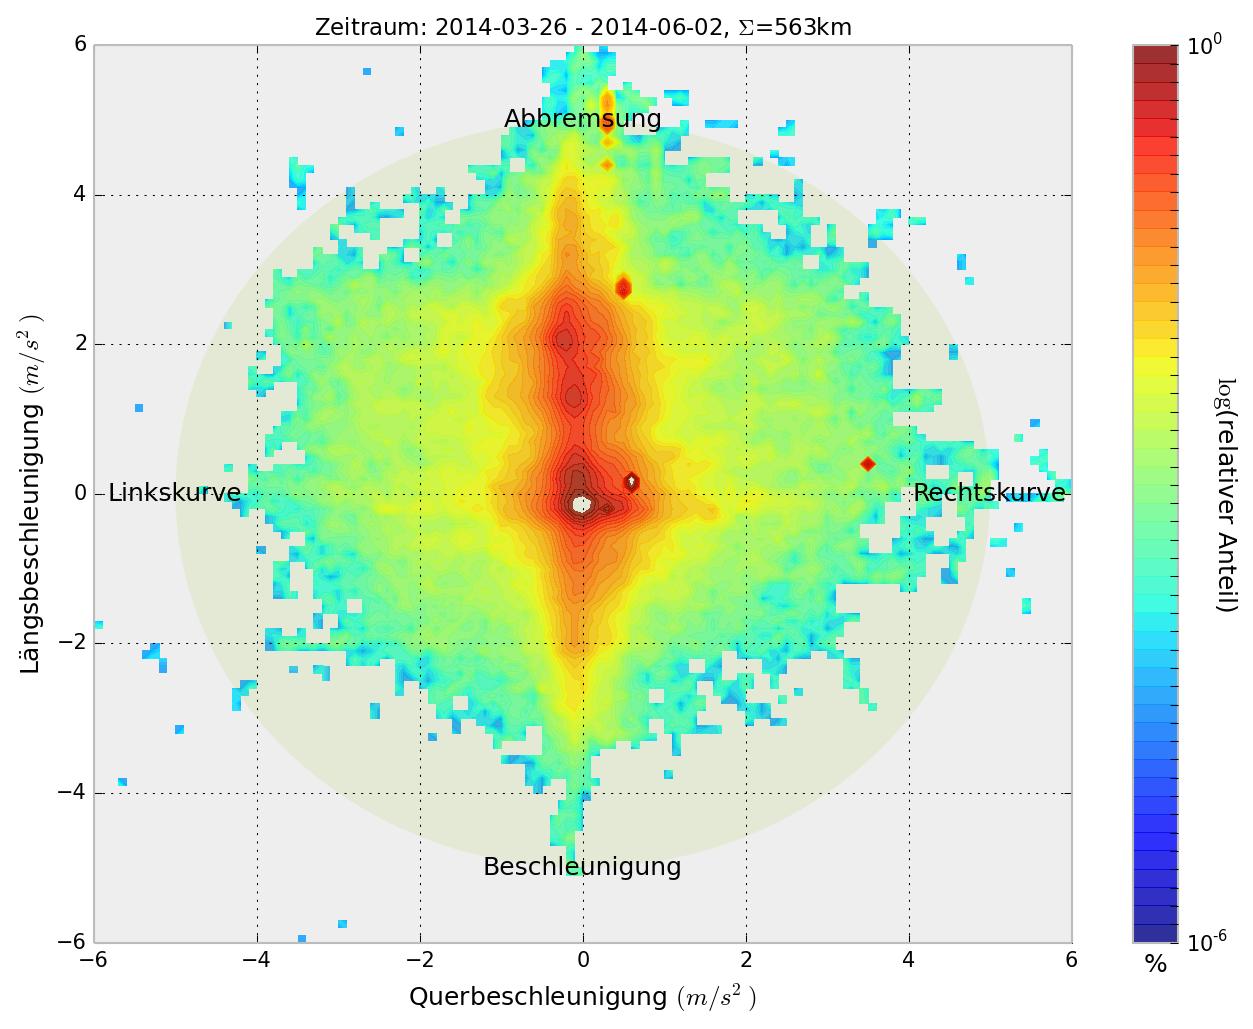 Kamm'scher Kreis stellt Längs- über Querbeschleunigung dar. Farben visualisieren die relative Häufigkeit der Parameter.